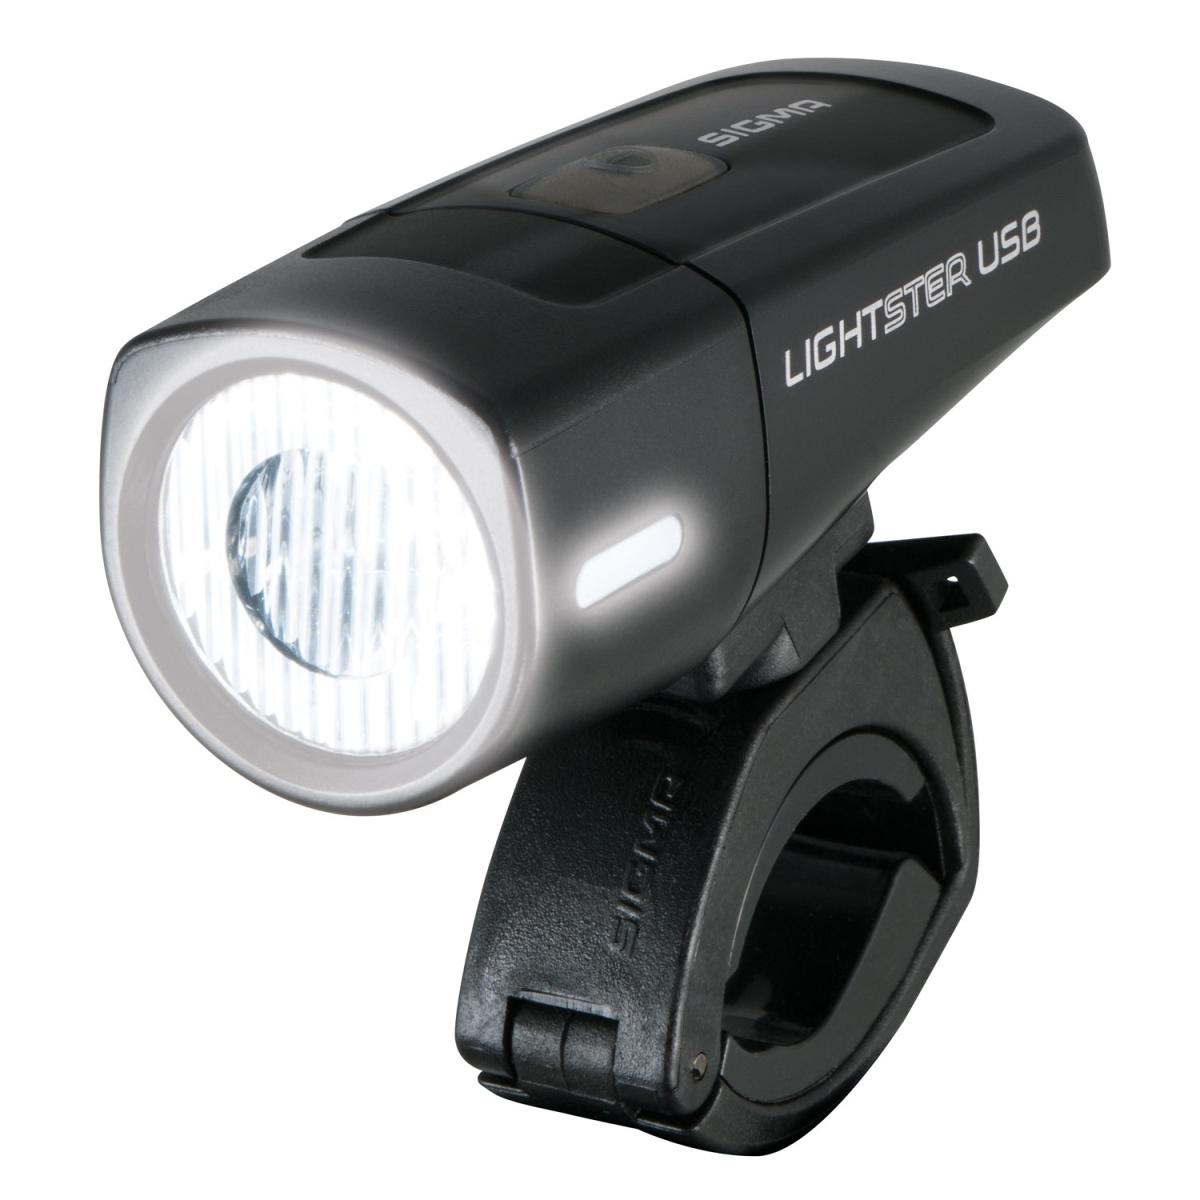 Přední světlo SIGMA LIGHTSTER USB 25 LUX (světlo na kolo přední, barva černá)